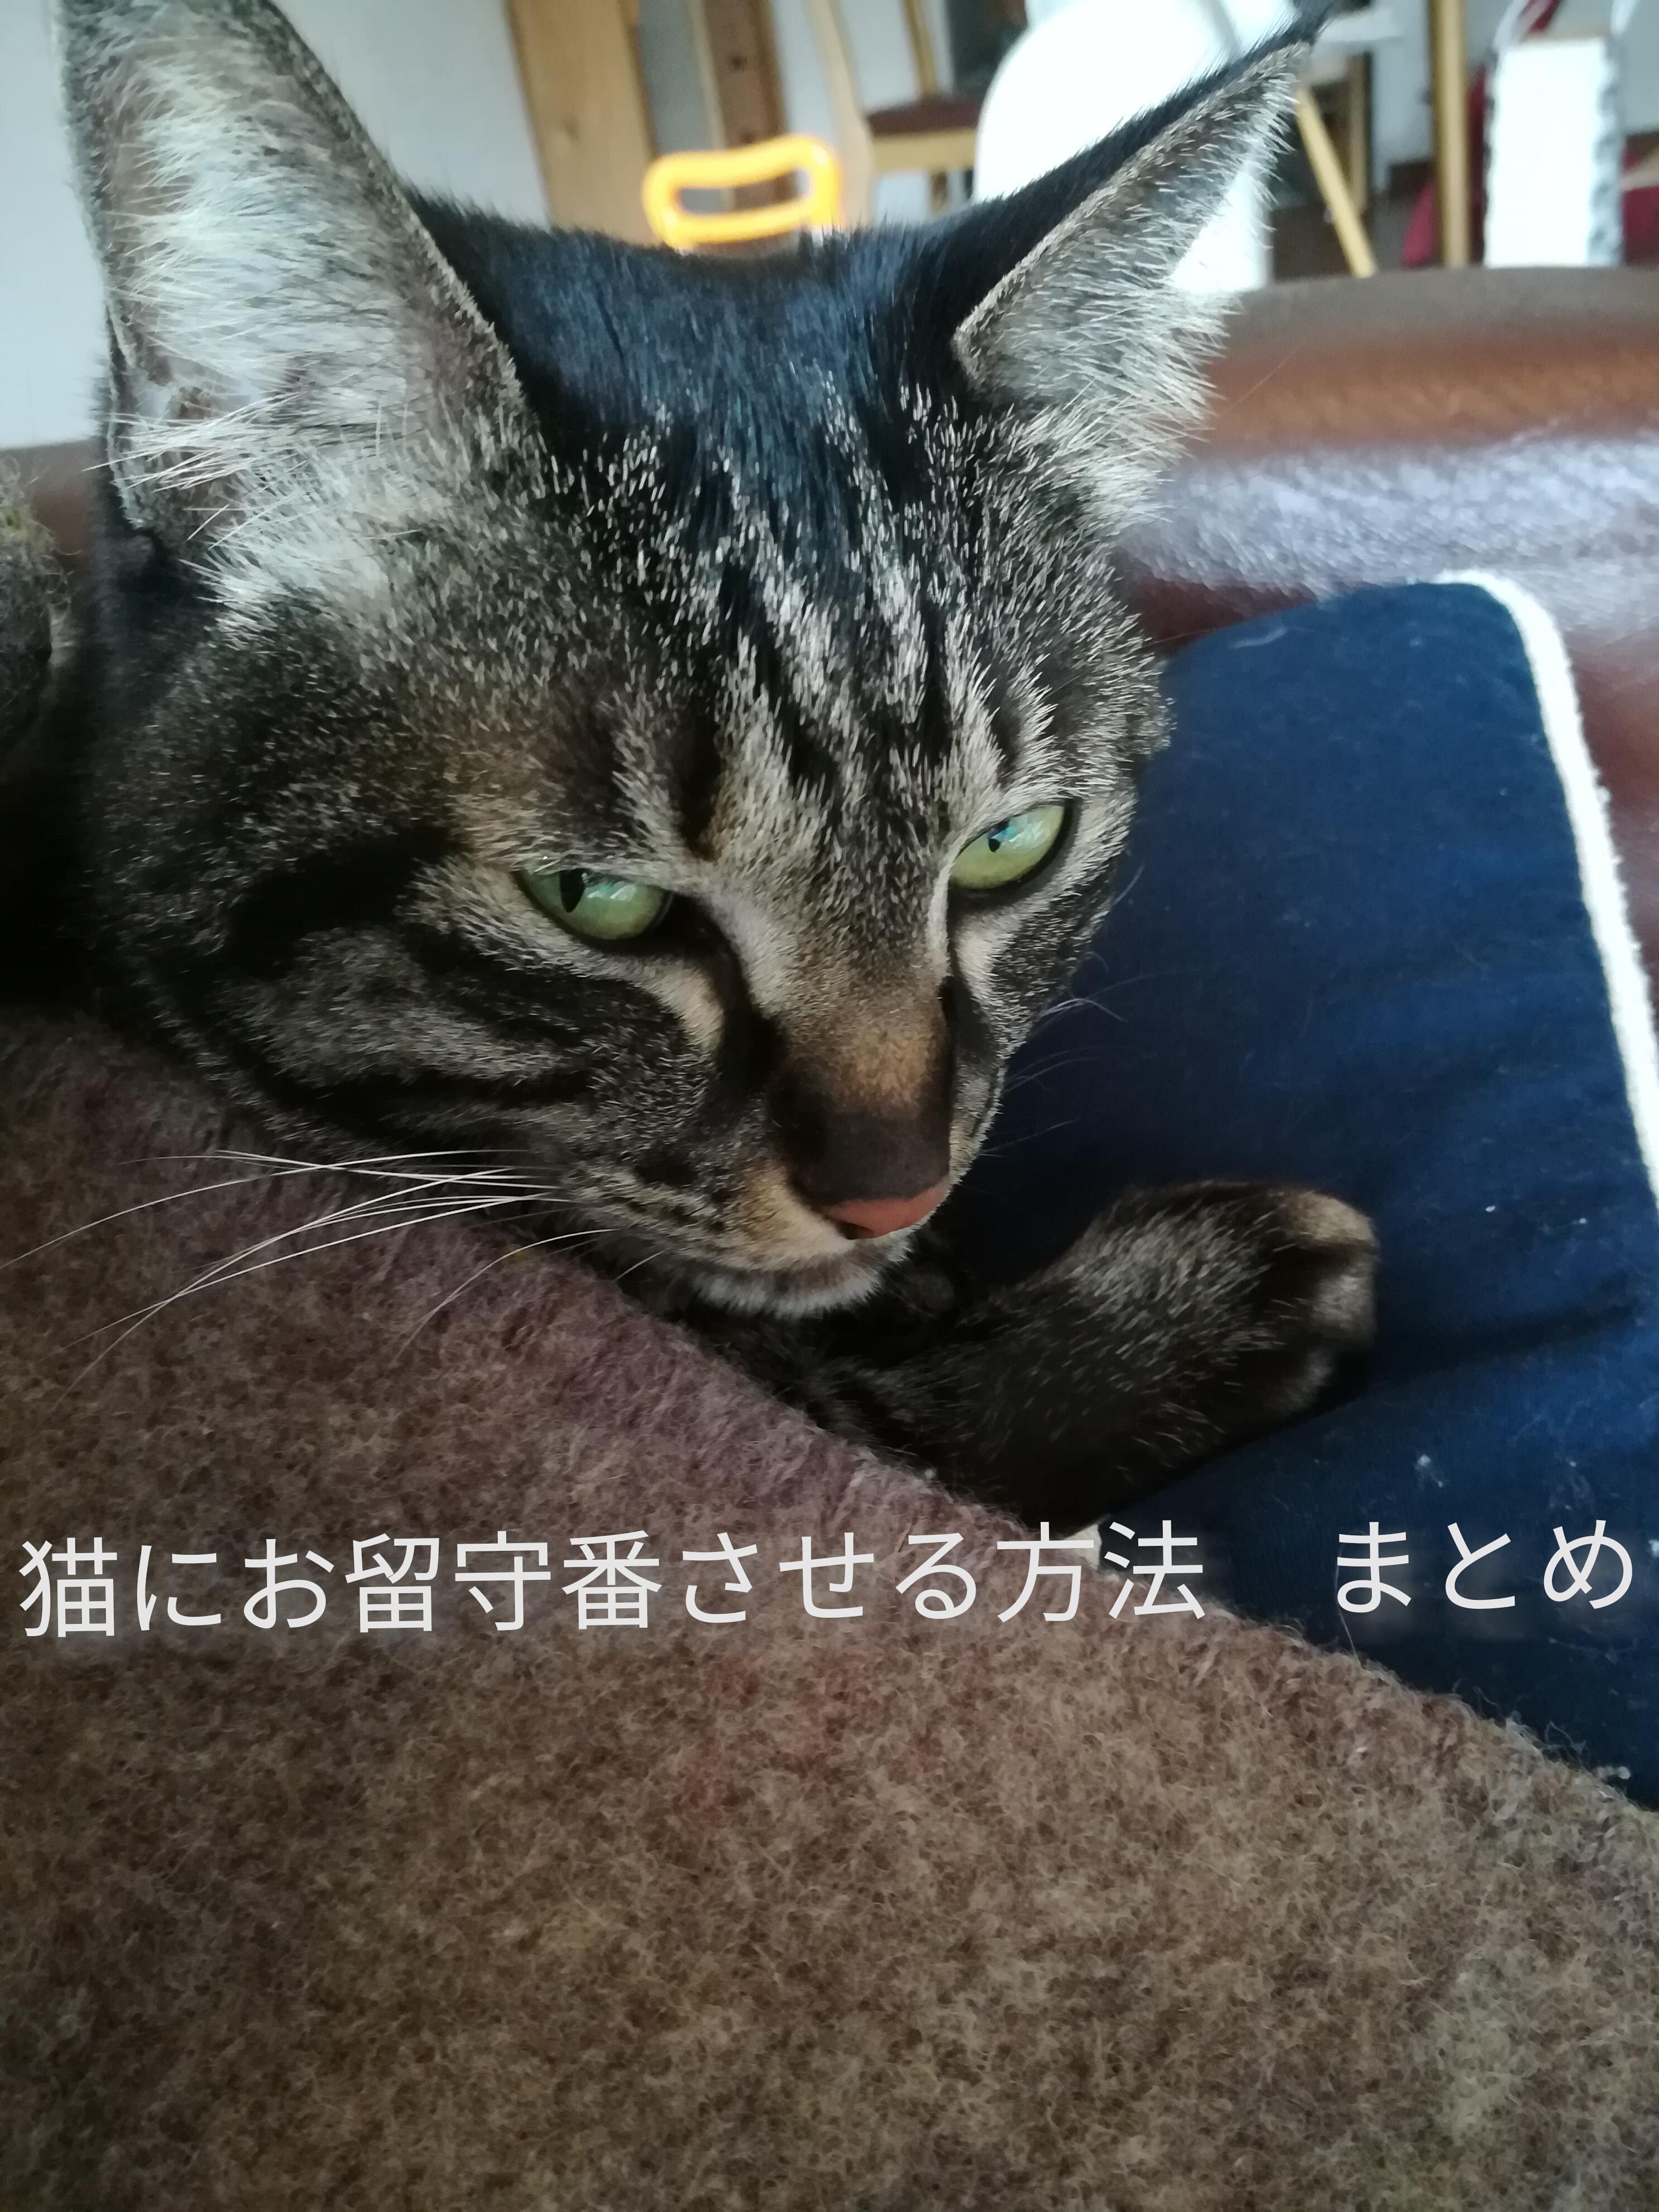 【ペットのお留守番】一泊二日くらいなら余裕?!猫にお留守番させる方法。